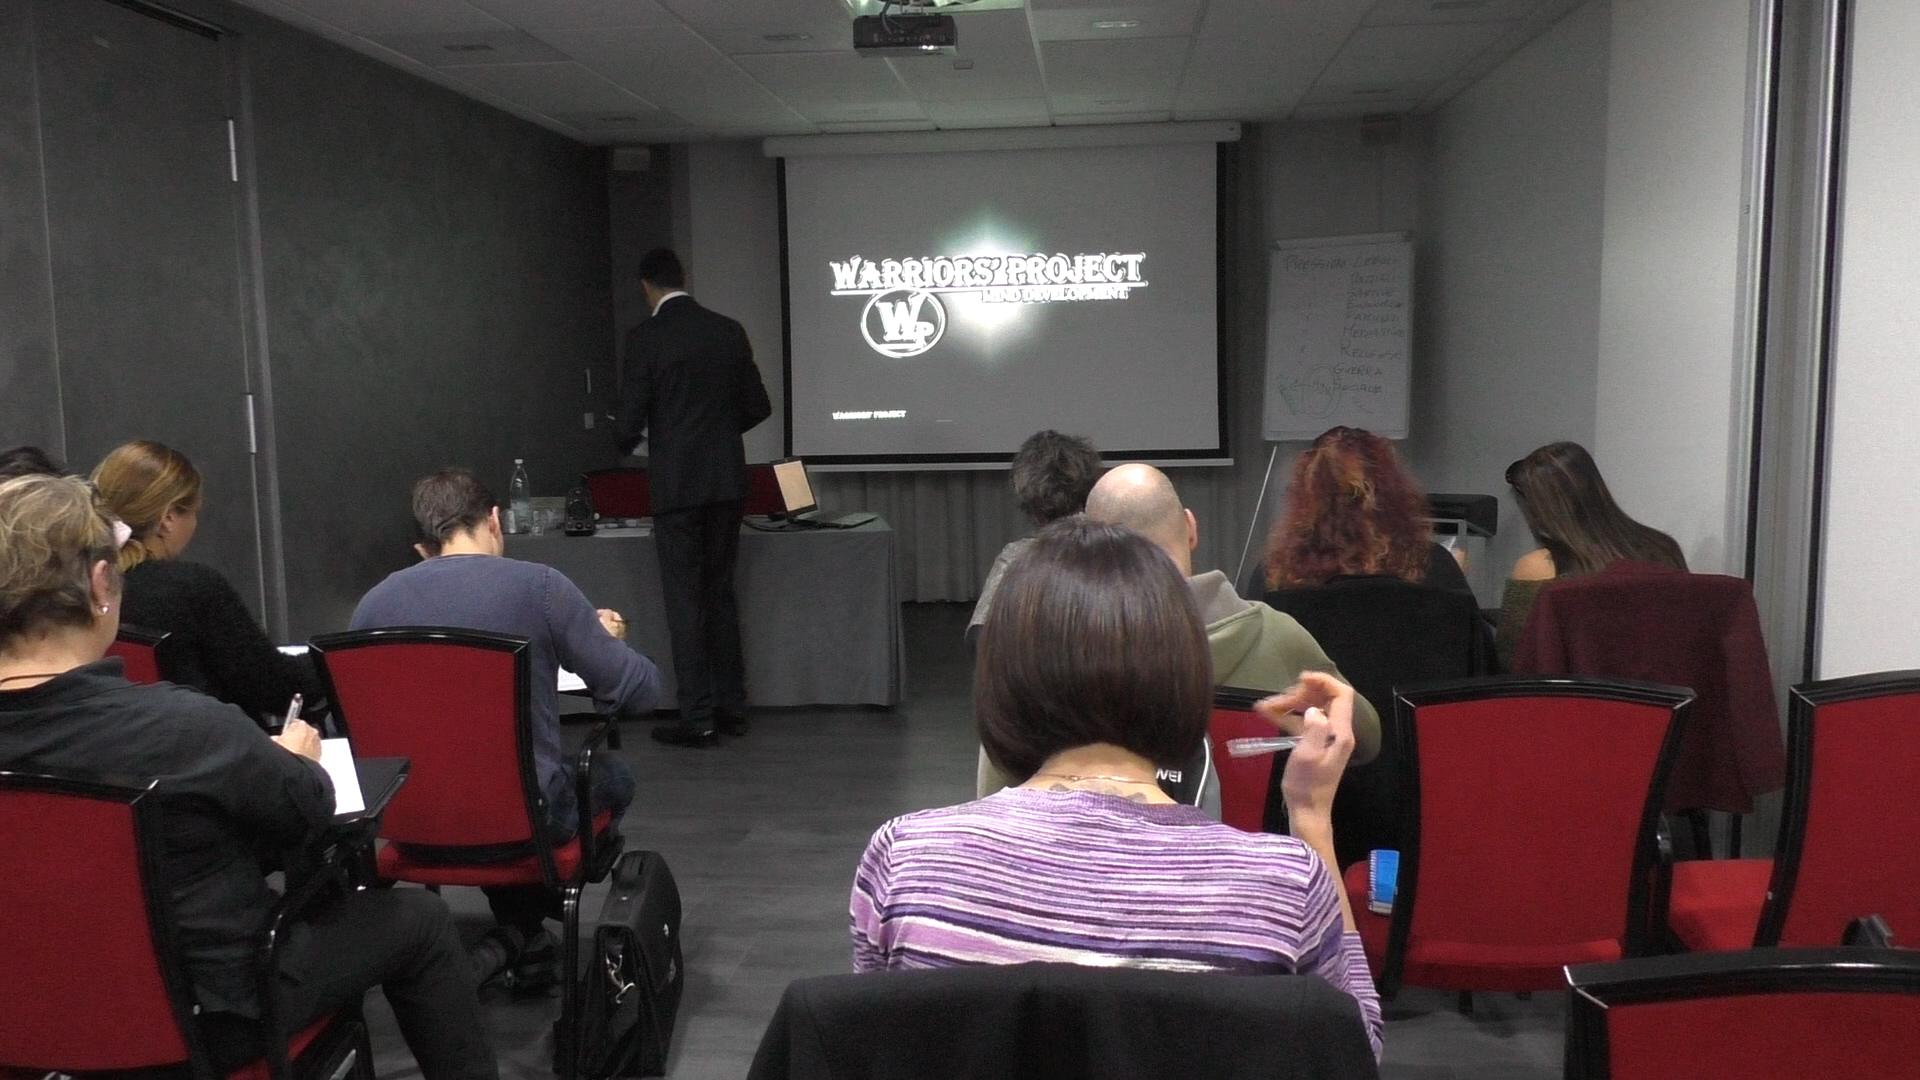 Corso di formazione Parma novembre empatia comunicazione warriors project viincenzo cento reggio emilia bologna intelligenza emotiva 2